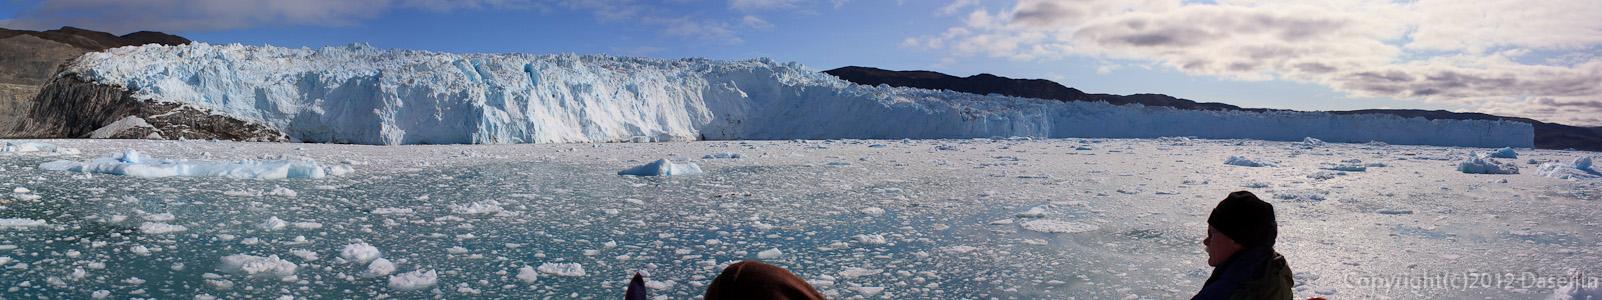 120812アイスランド、グリーンランドの旅・